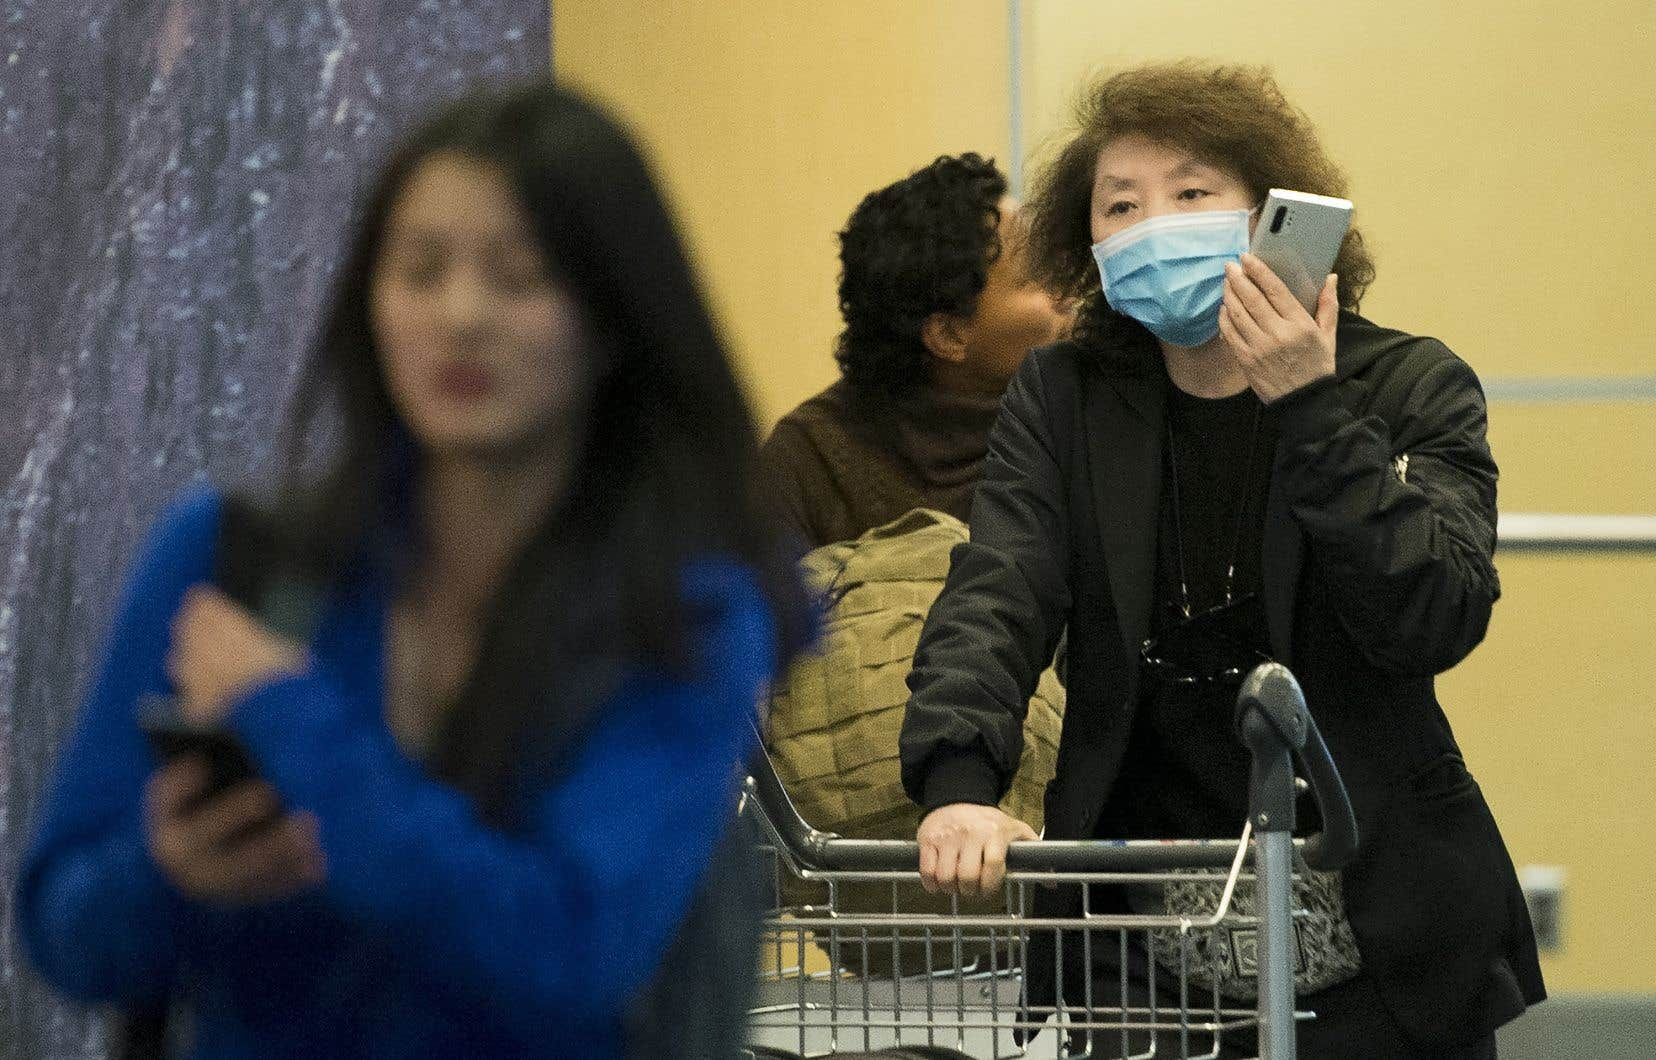 Une voyageuse porte un masque dans la zone des arrivées internationales à l'aéroport international de Vancouver à Richmond, en Colombie-Britannique, le jeudi 23 janvier 2020.